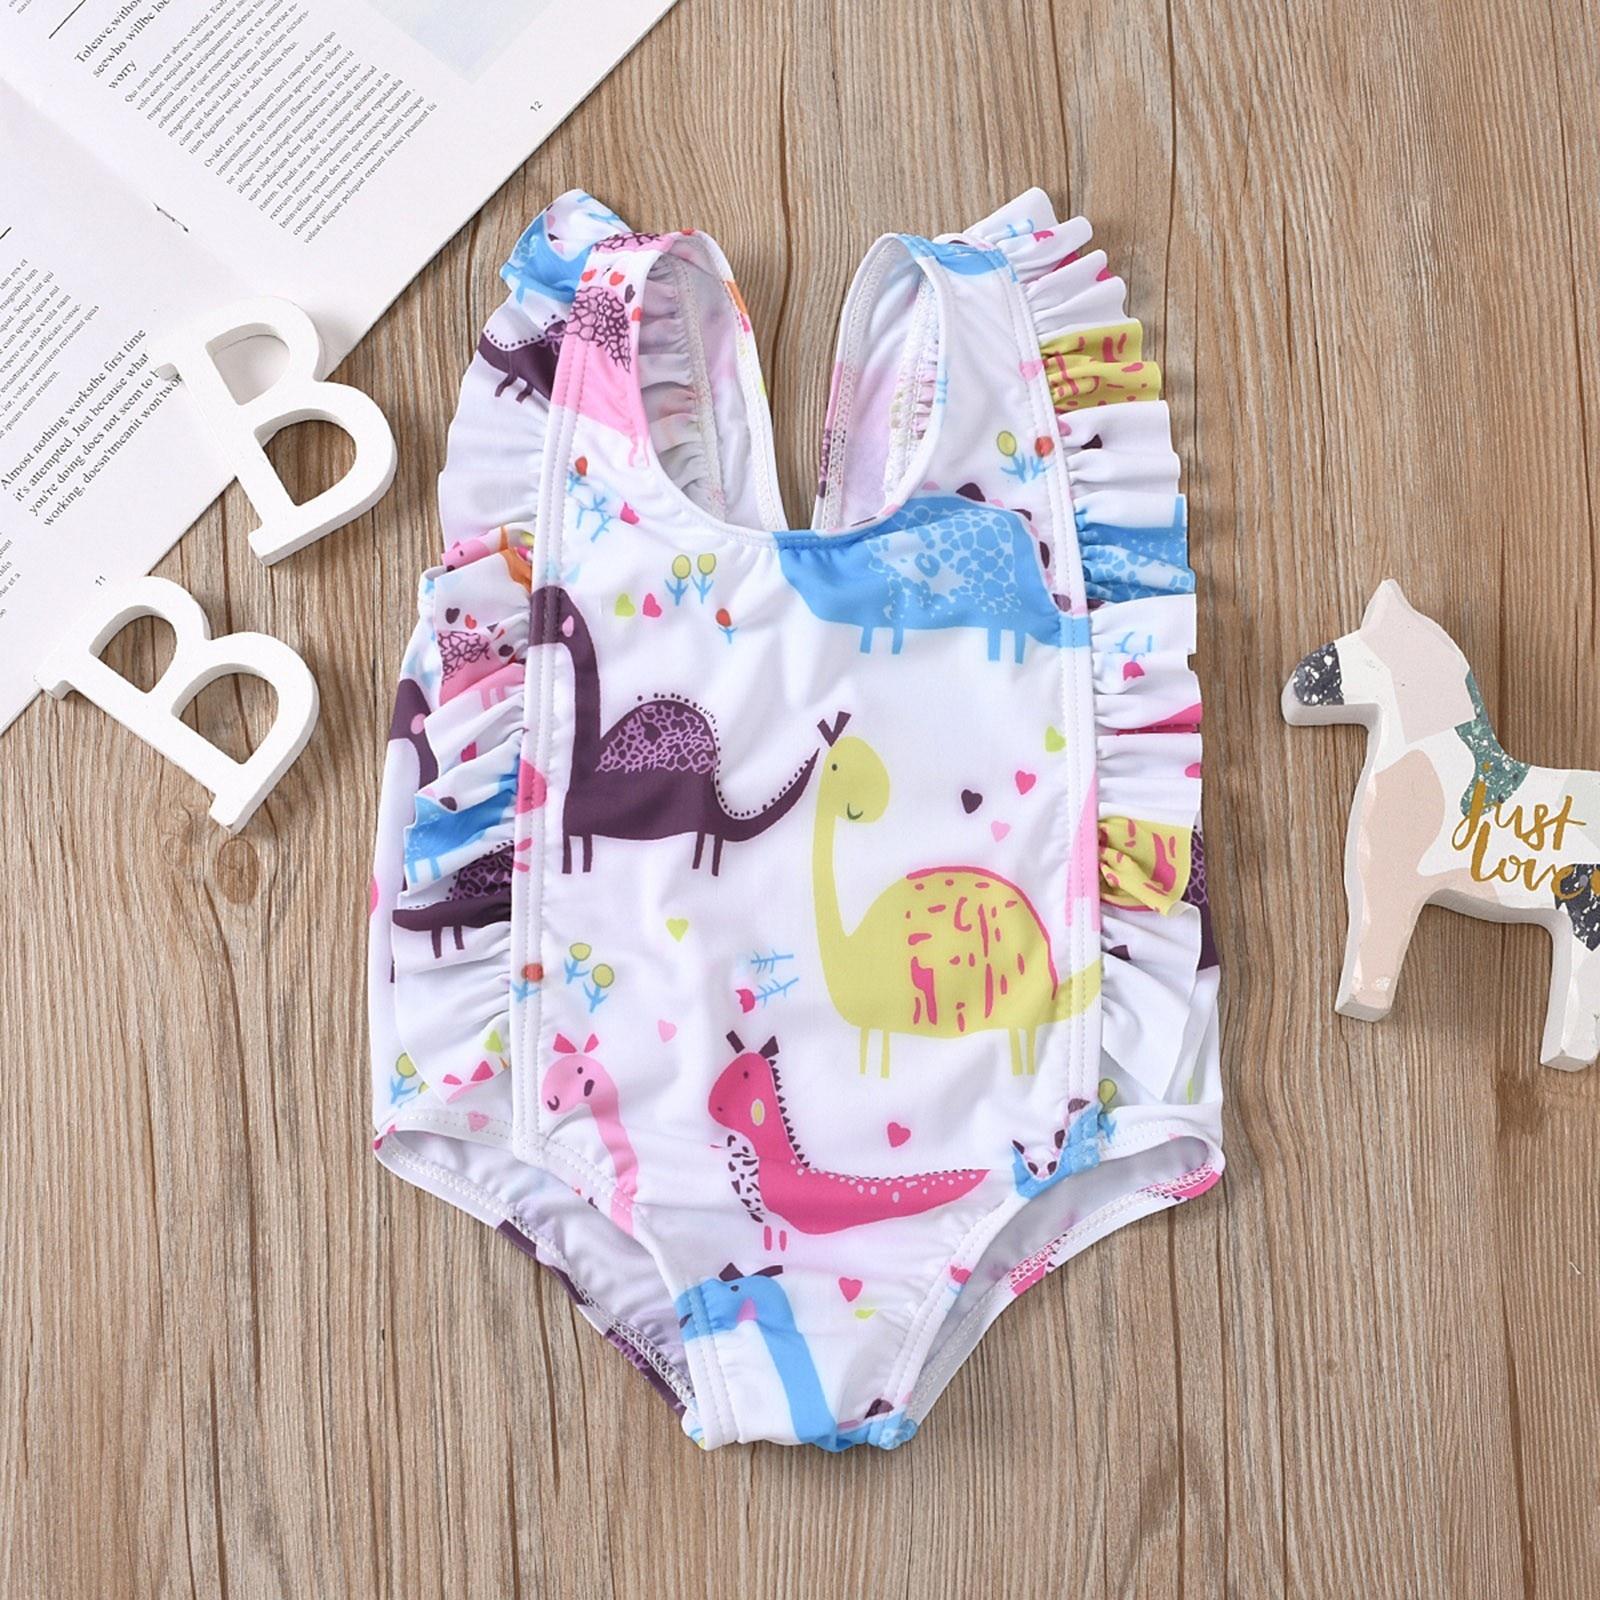 Dinosaure imprimé bébé enfants filles Maillot de bain été Maillot de bain pour enfants fille dessin animé Animal volants Maillot de bain Maillot Femme